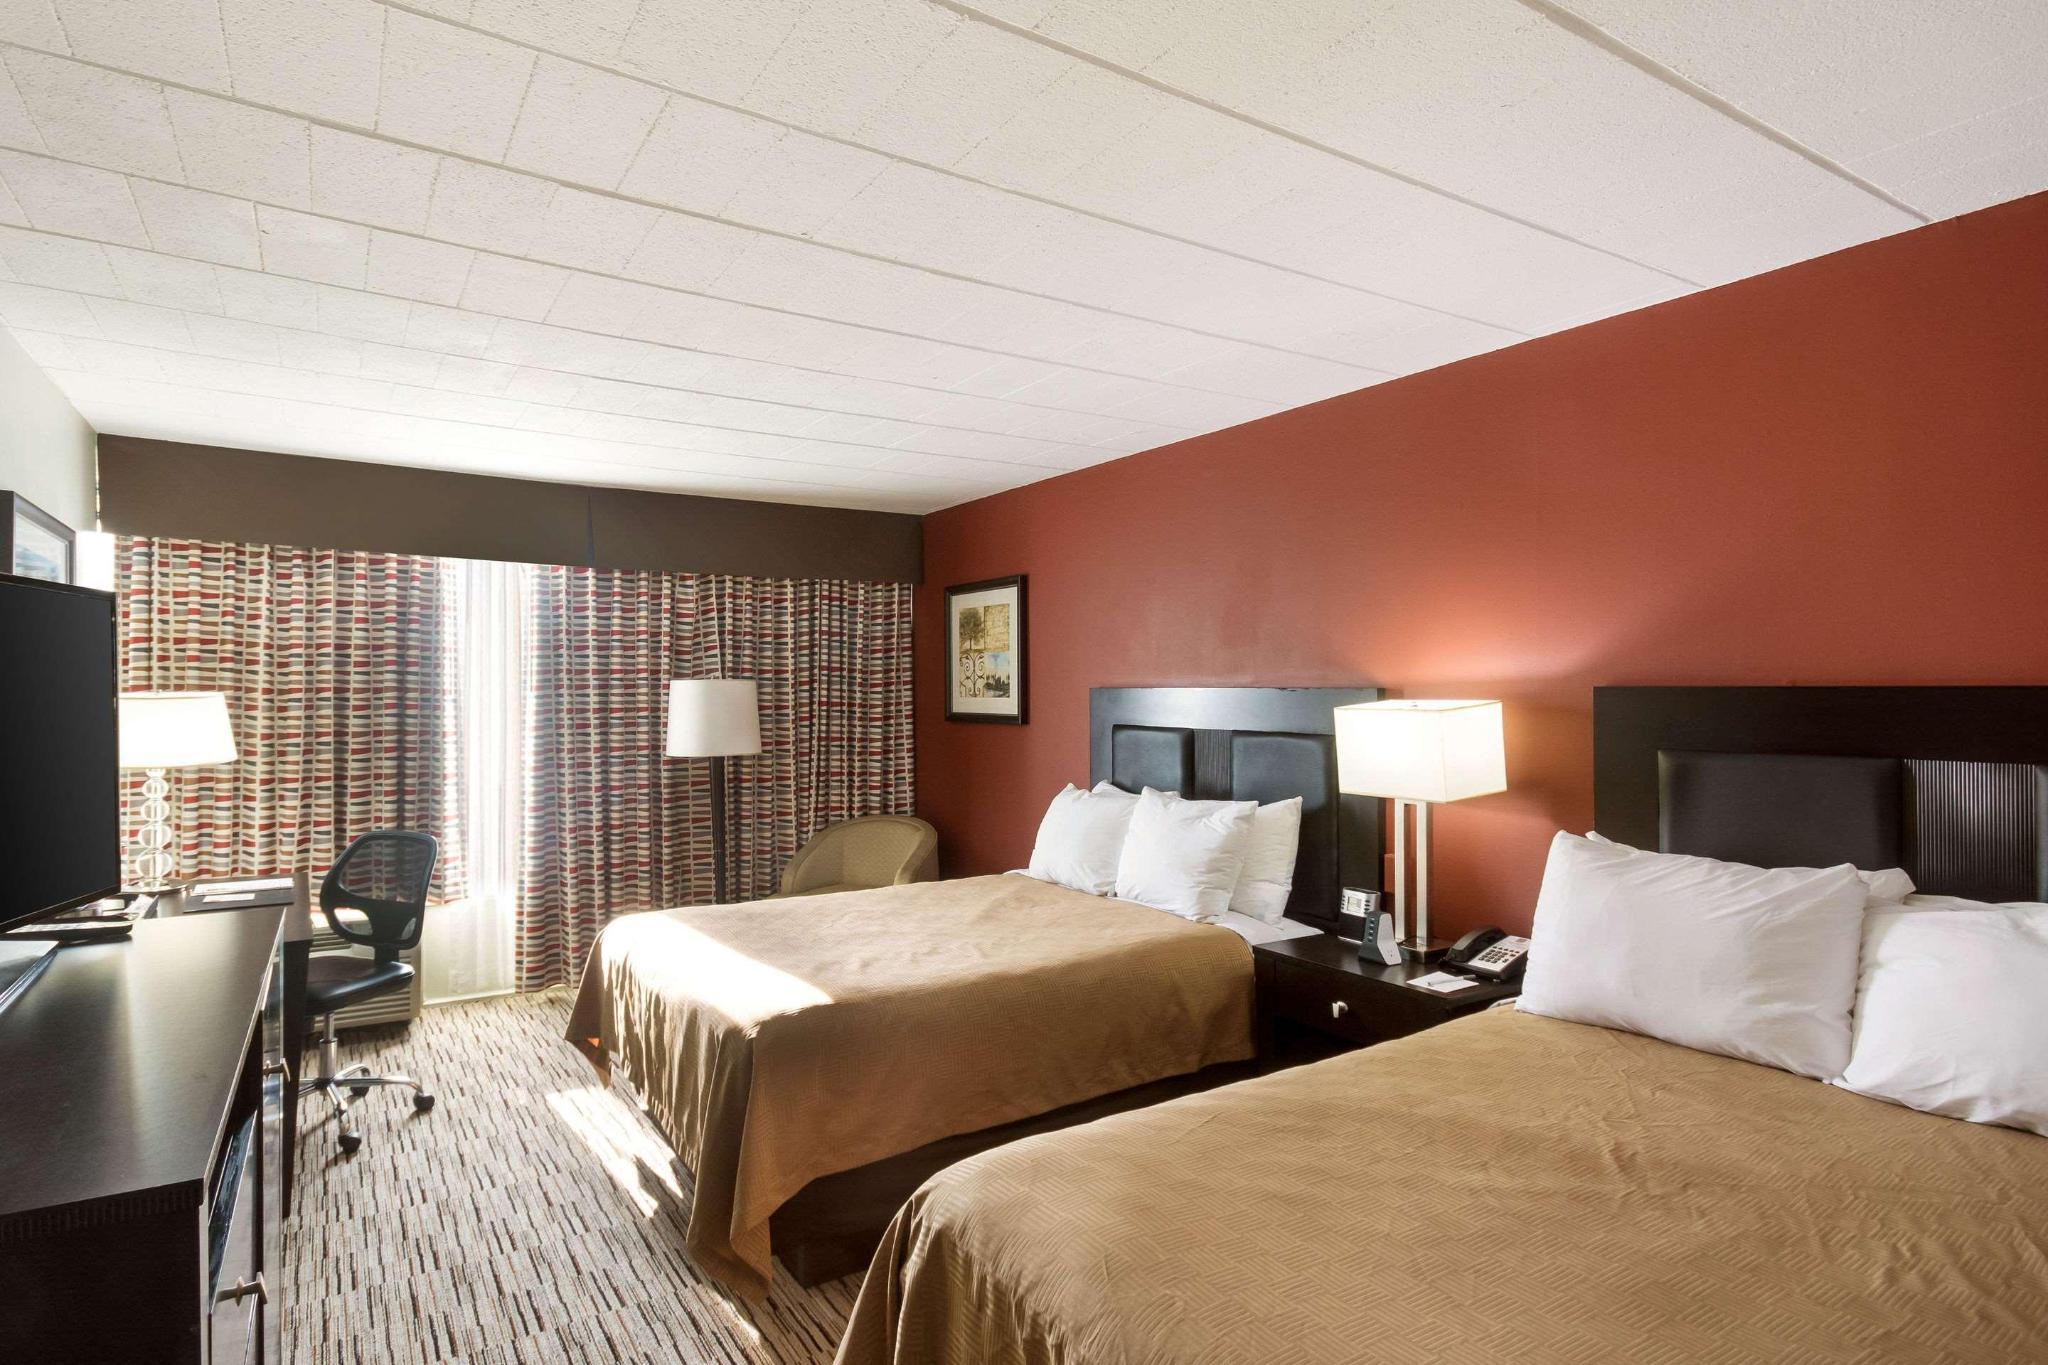 Quadruple two double beds